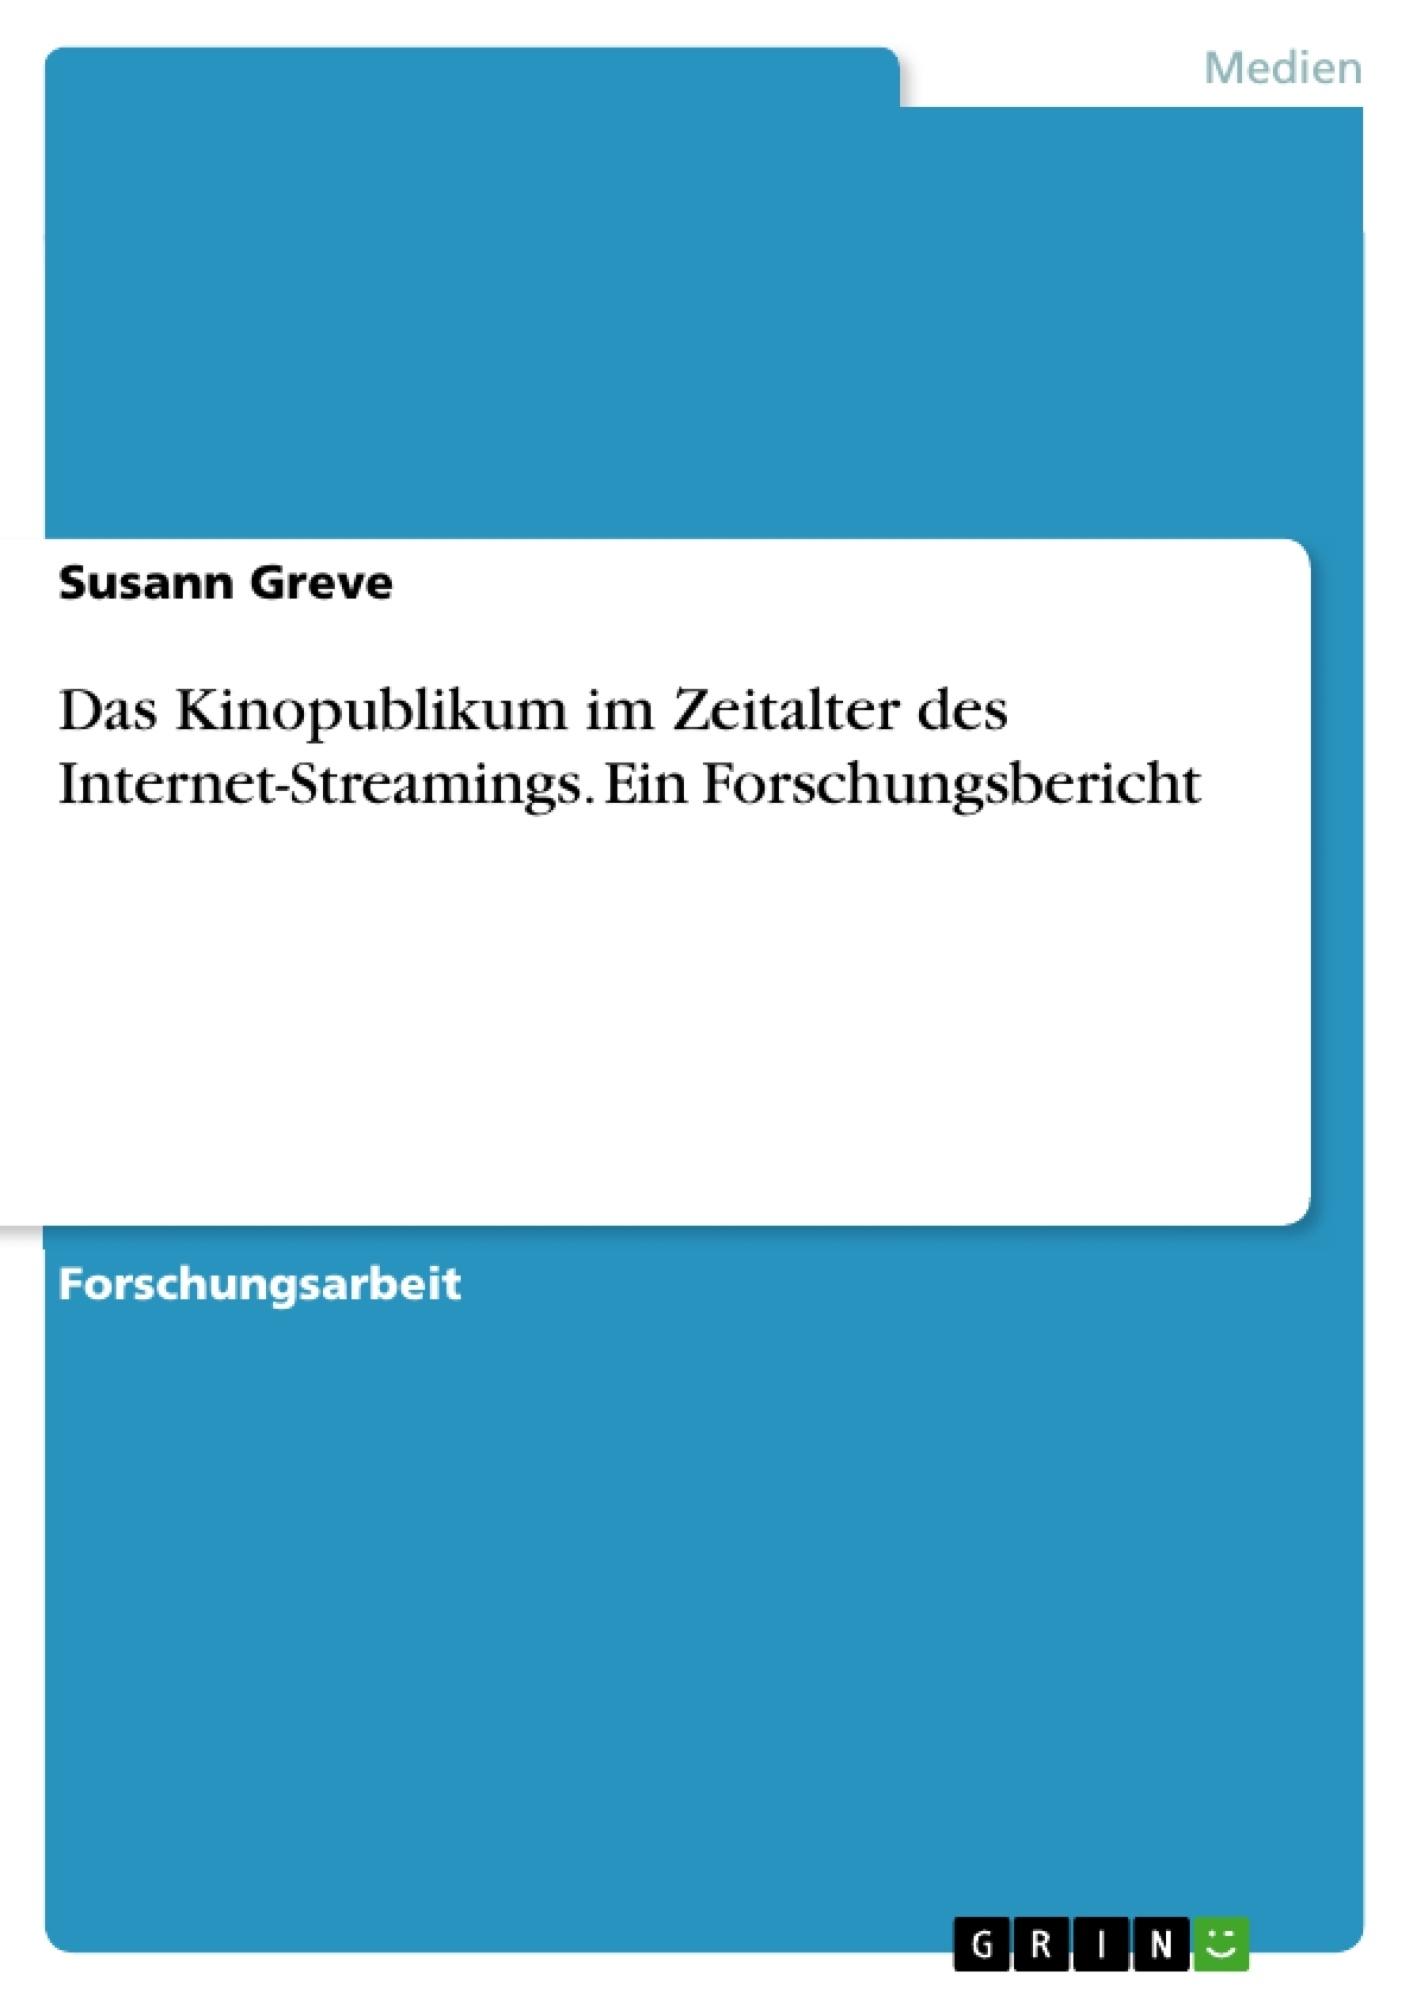 Titel: Das Kinopublikum im Zeitalter des Internet-Streamings. Ein Forschungsbericht